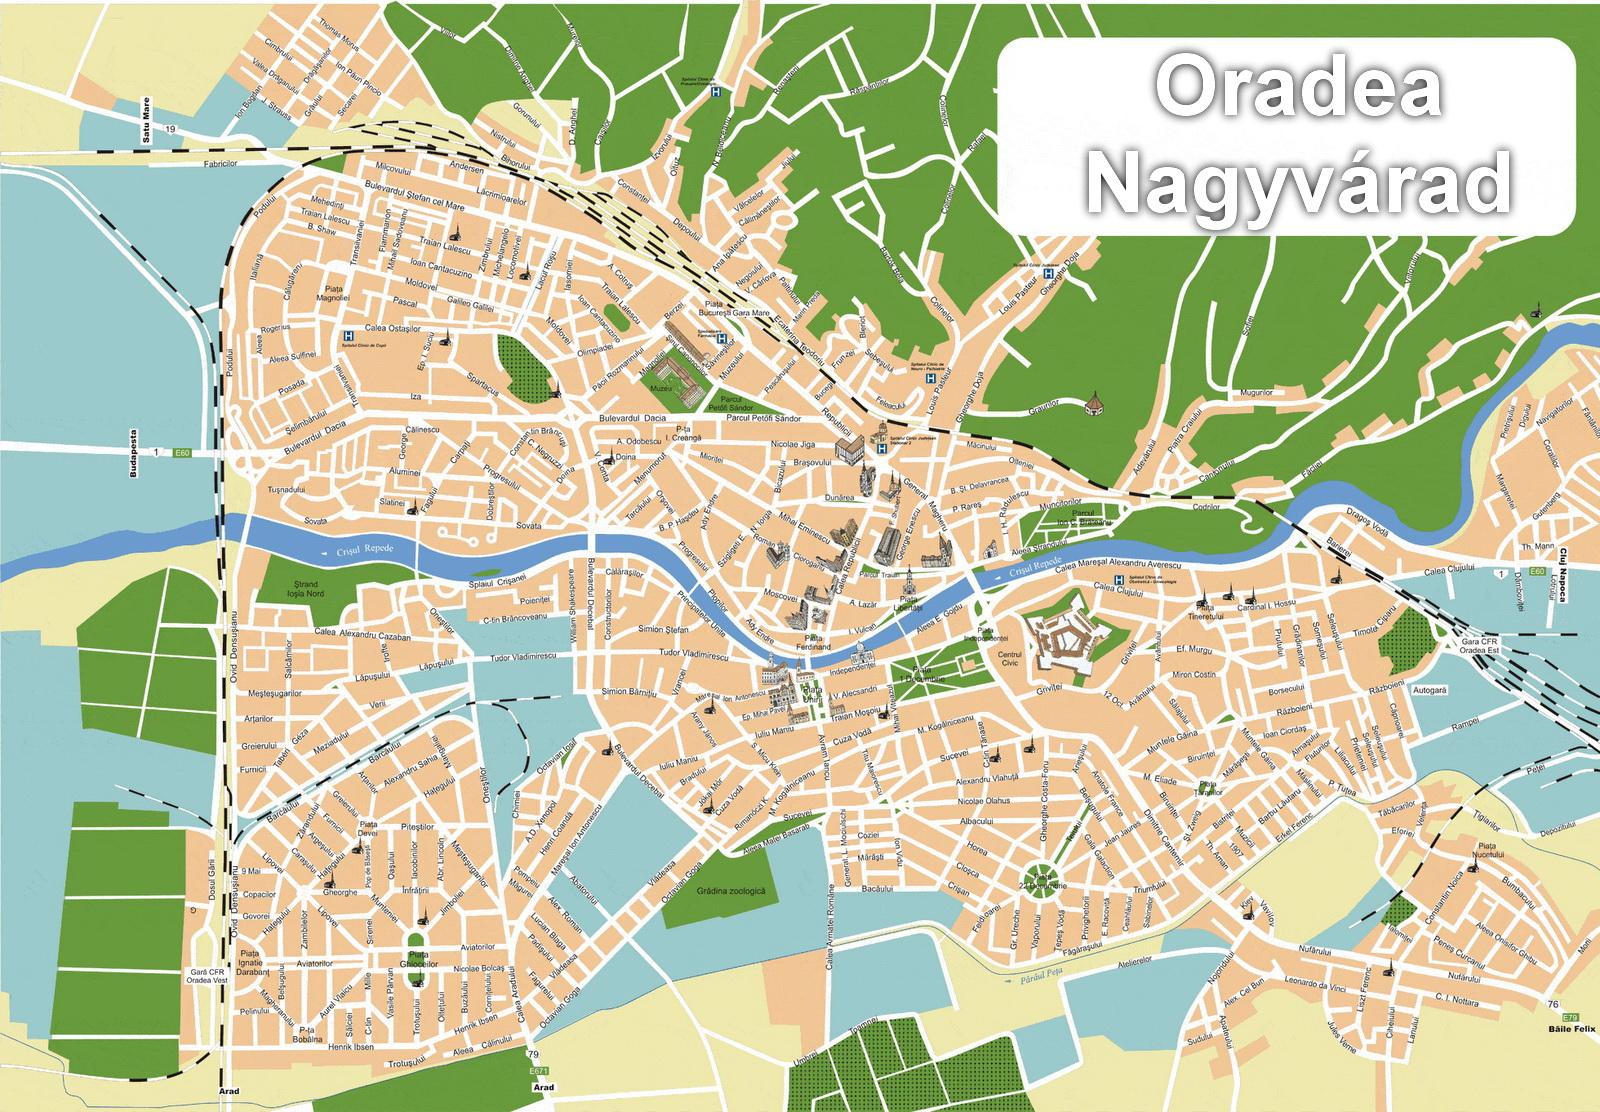 ORADEACazare OradeaHostel Pihe Rezervari Online Si Tel In - Oradea map